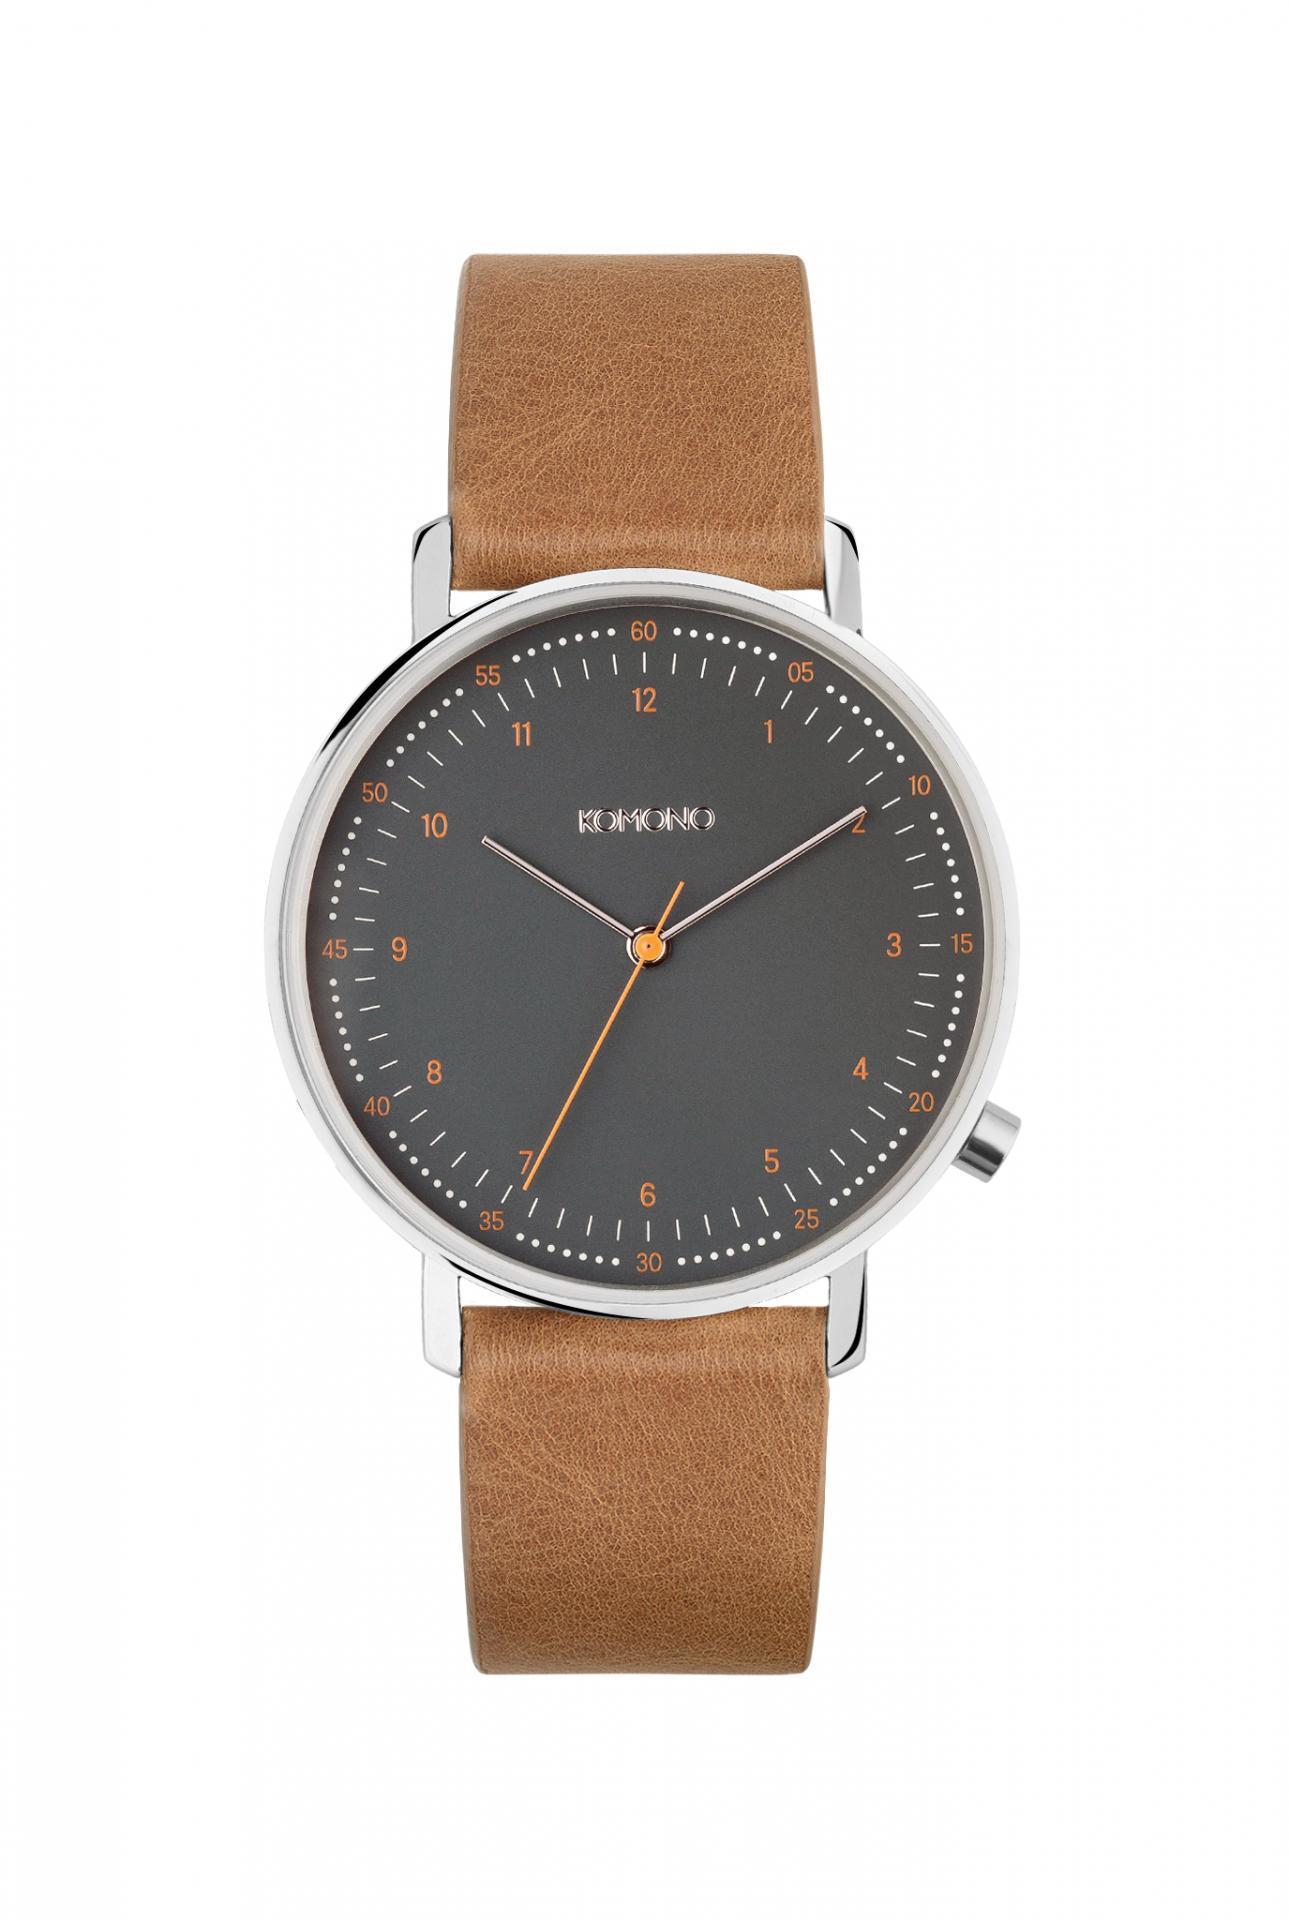 Komono Unisex hodinky Komono Lewis Cigar, hnědá barva, kov, kůže